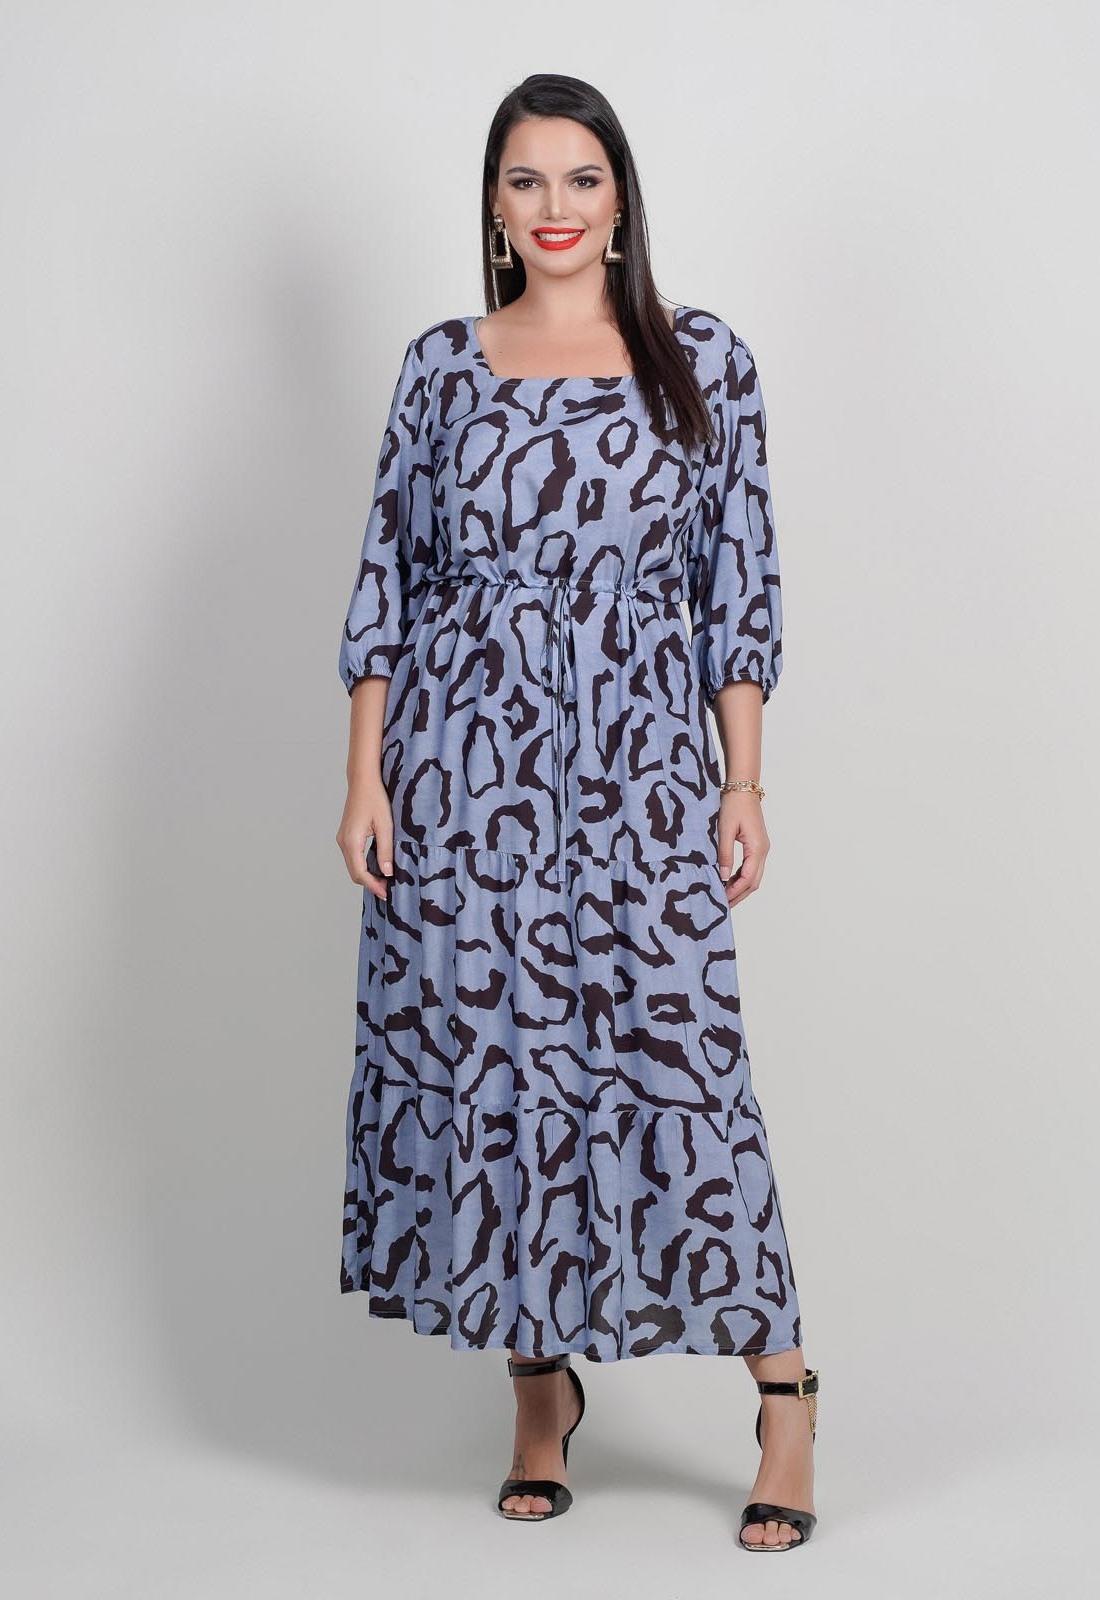 Vestido azul estampado  plus size com manga  Ref. U64521